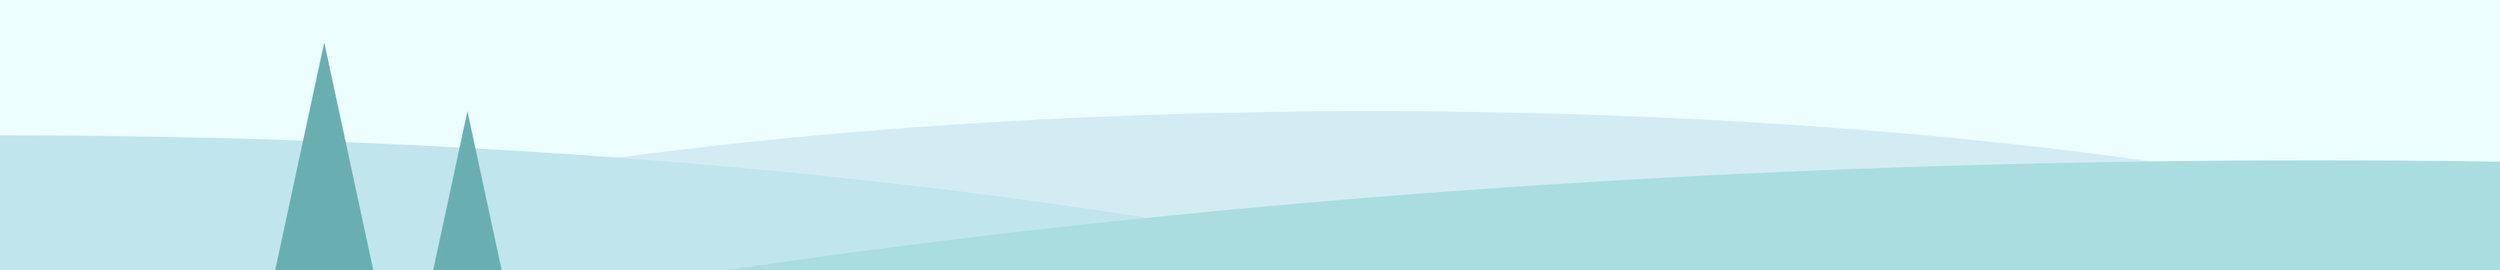 web divider 2.jpg